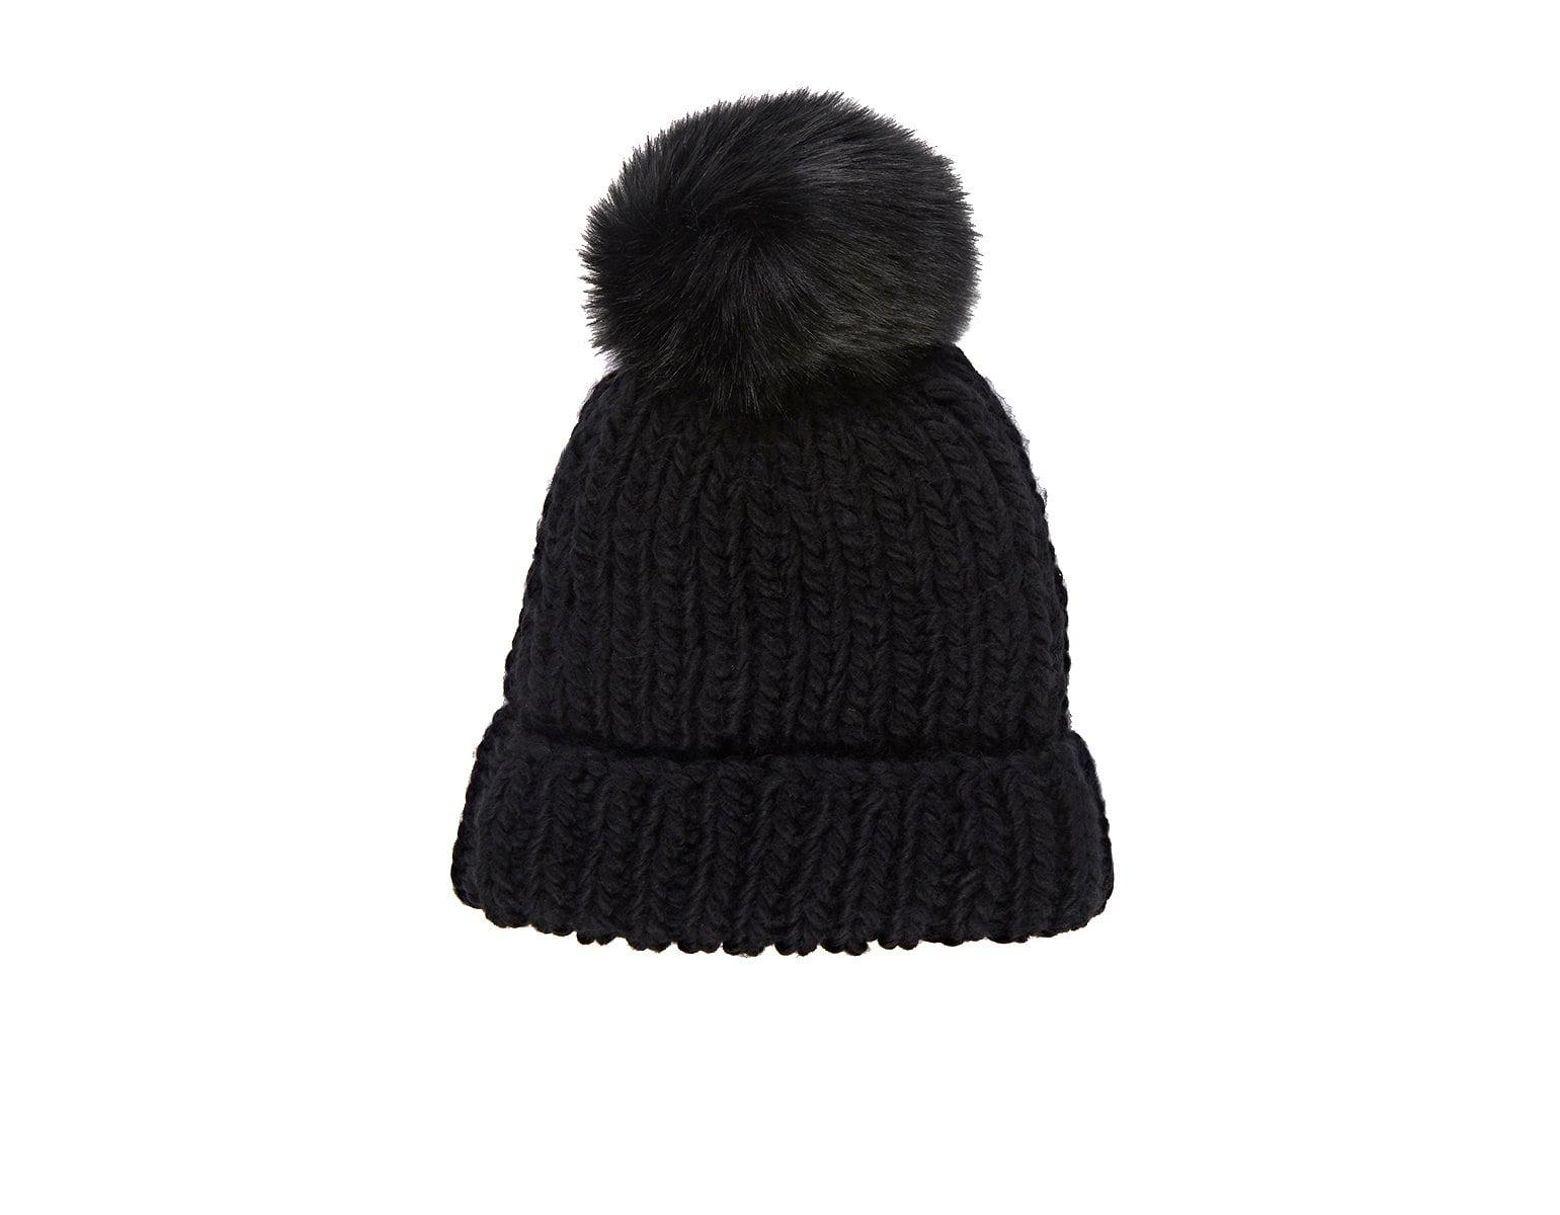 4ef5c7607 Women's Black Pom-pom-embellished Hat